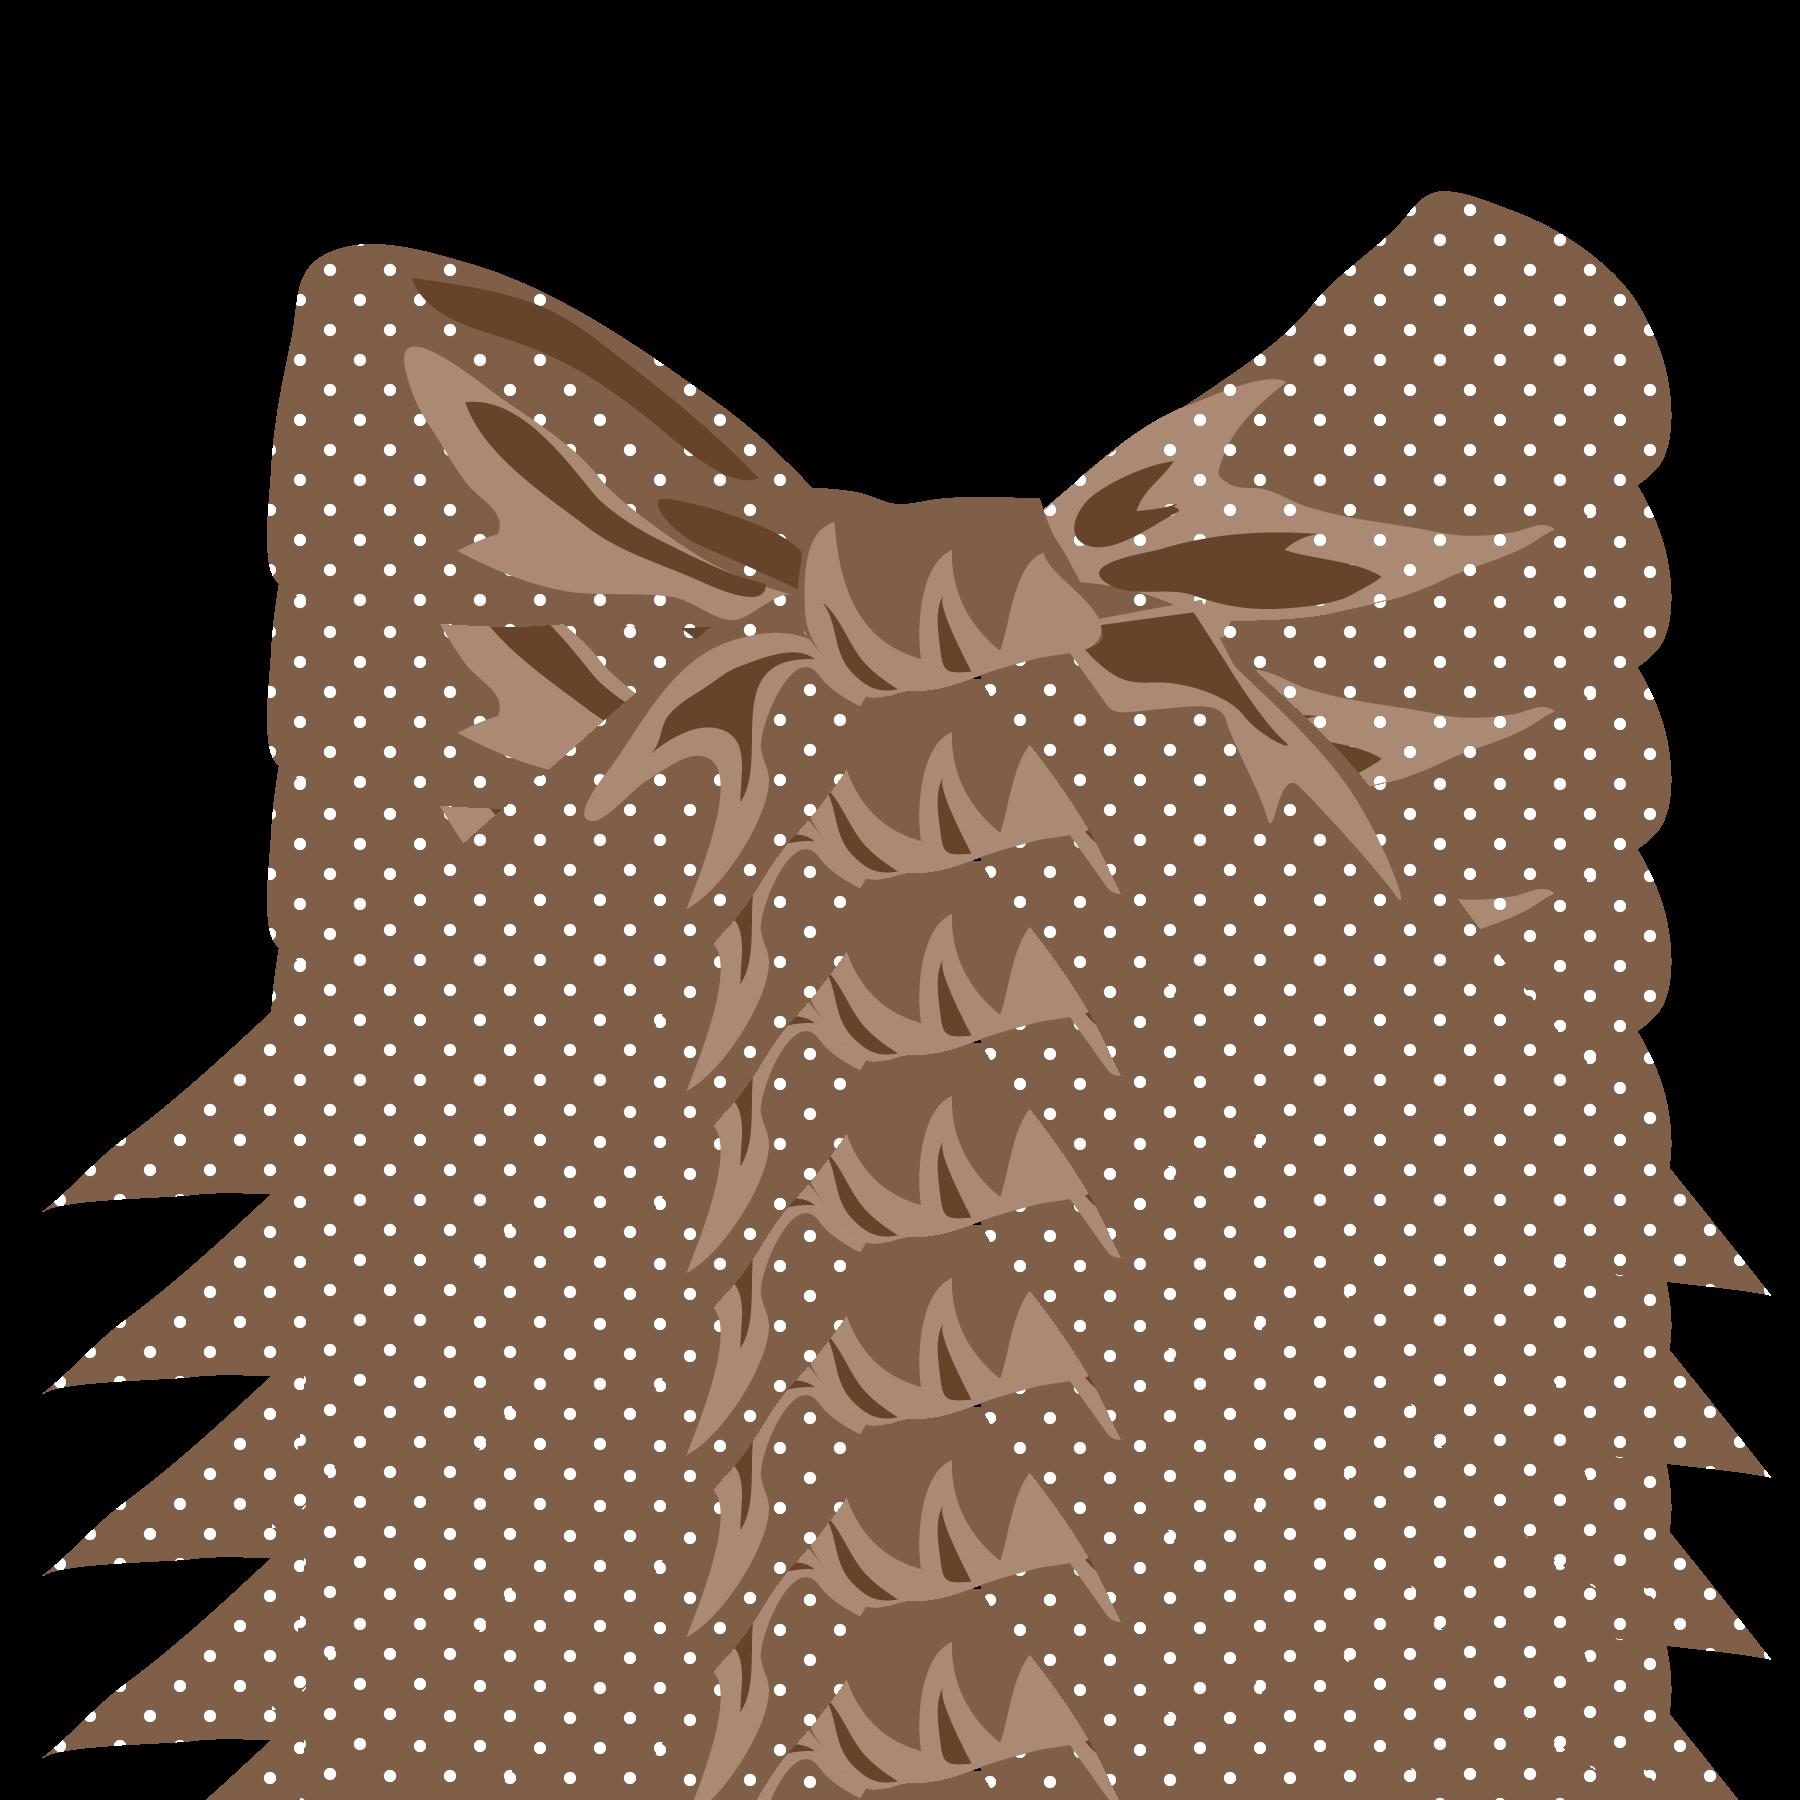 coleccion ositto y flor.png (1800×1800)